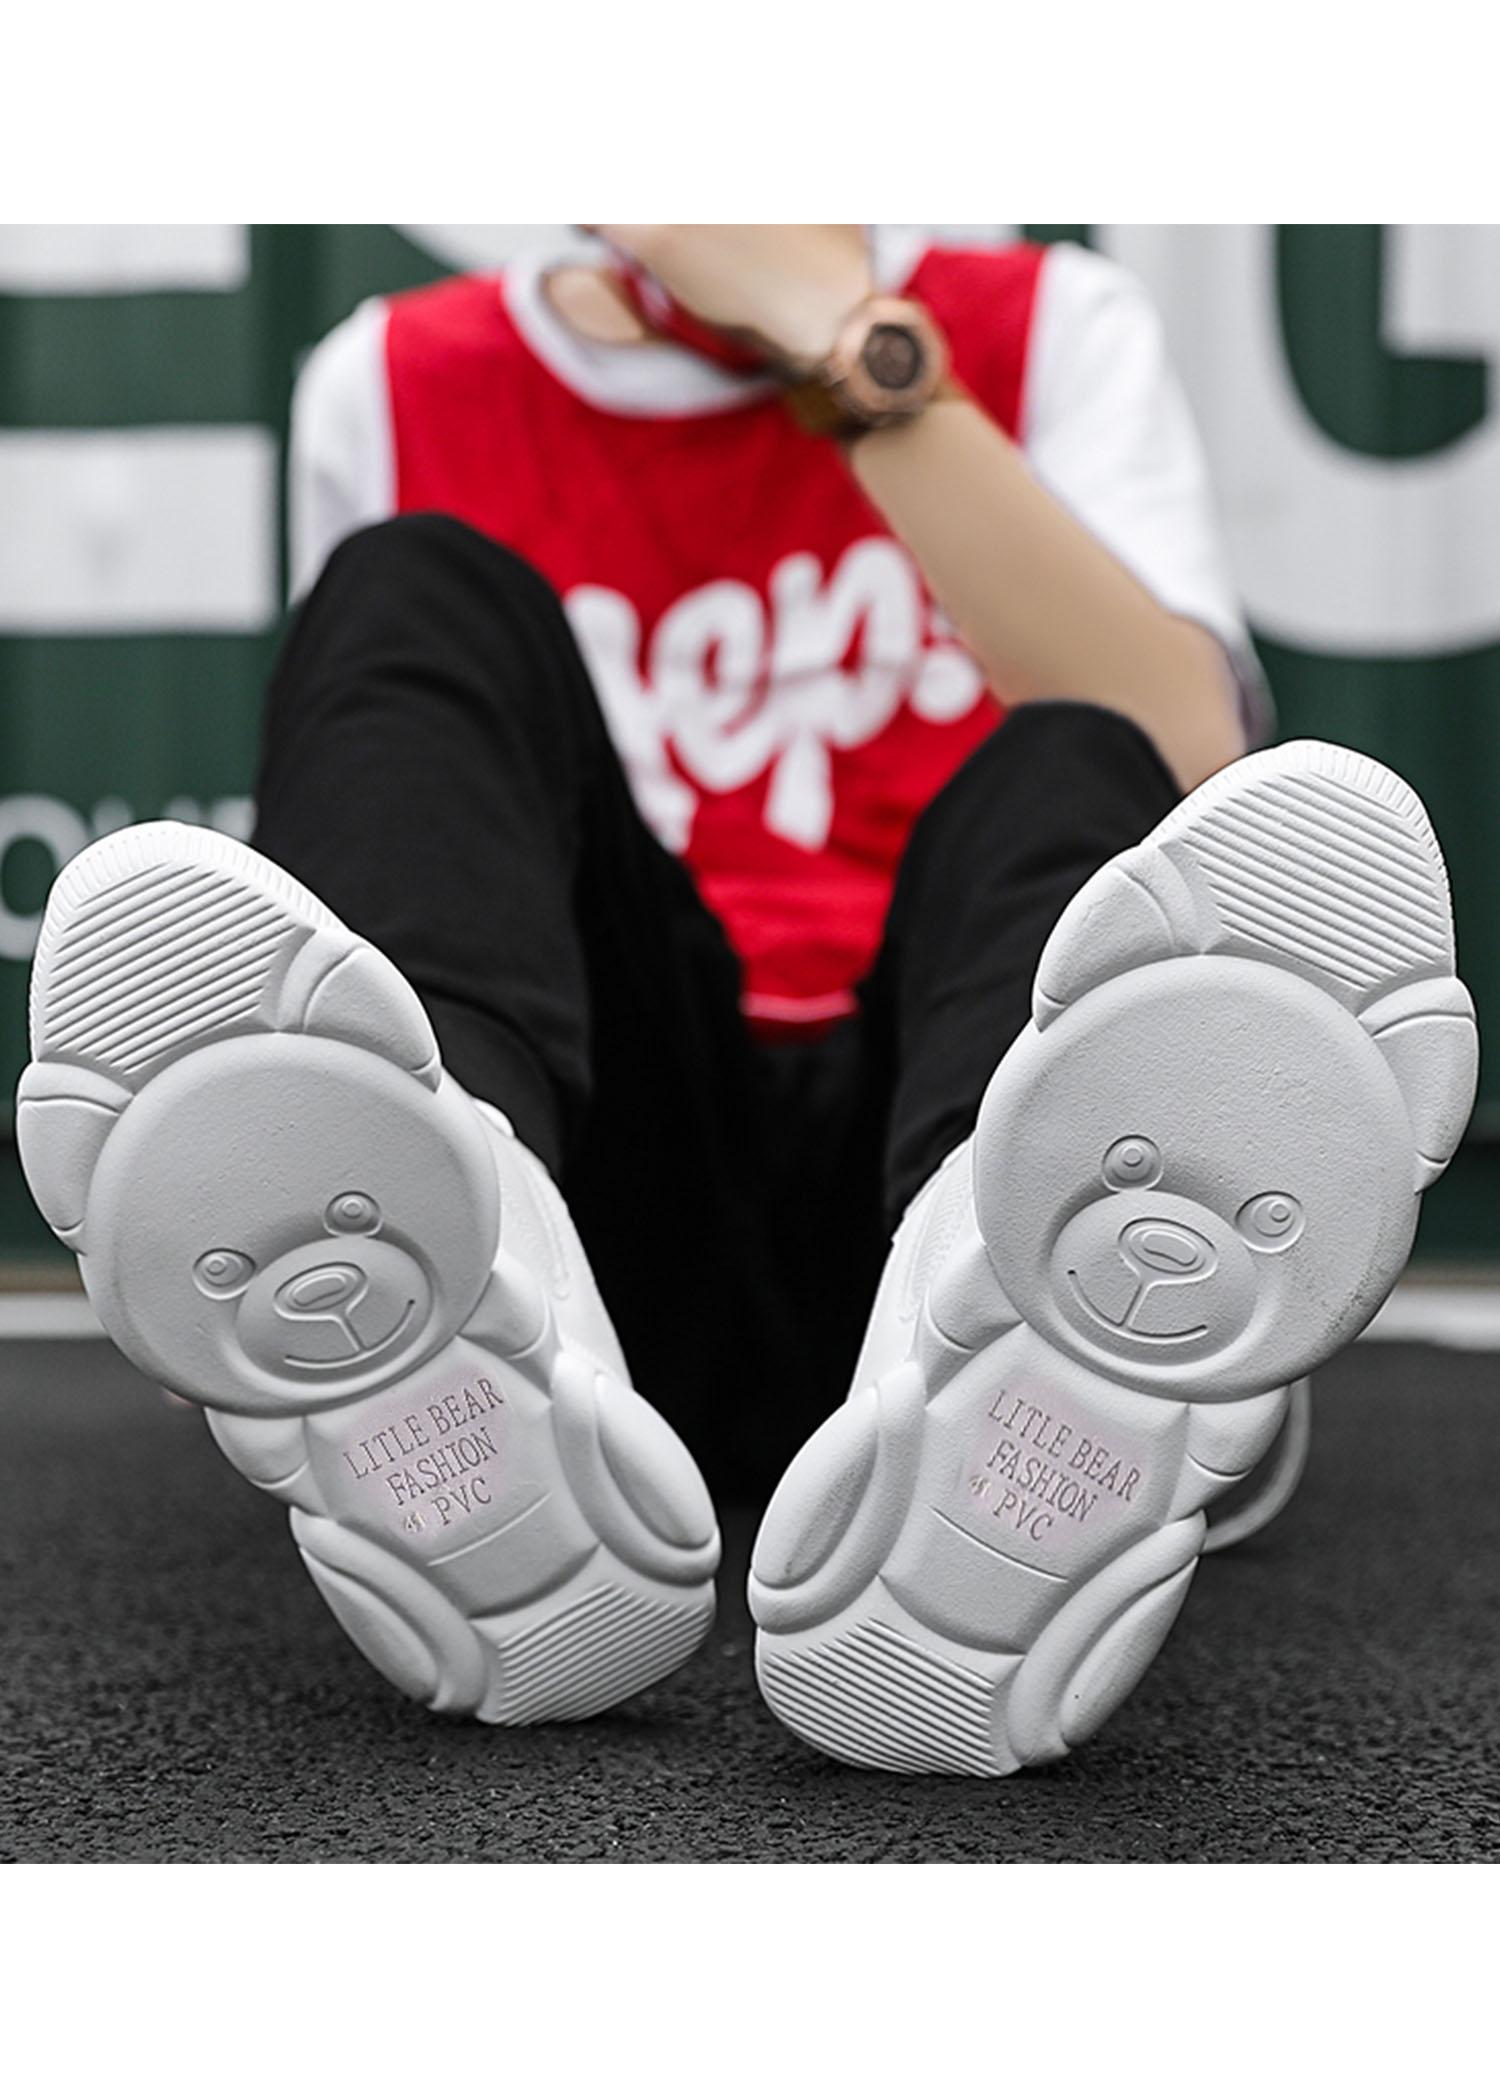 Giày thể thao giày chạy bộ nam Pettino đế hình gấu siêu cute NS09